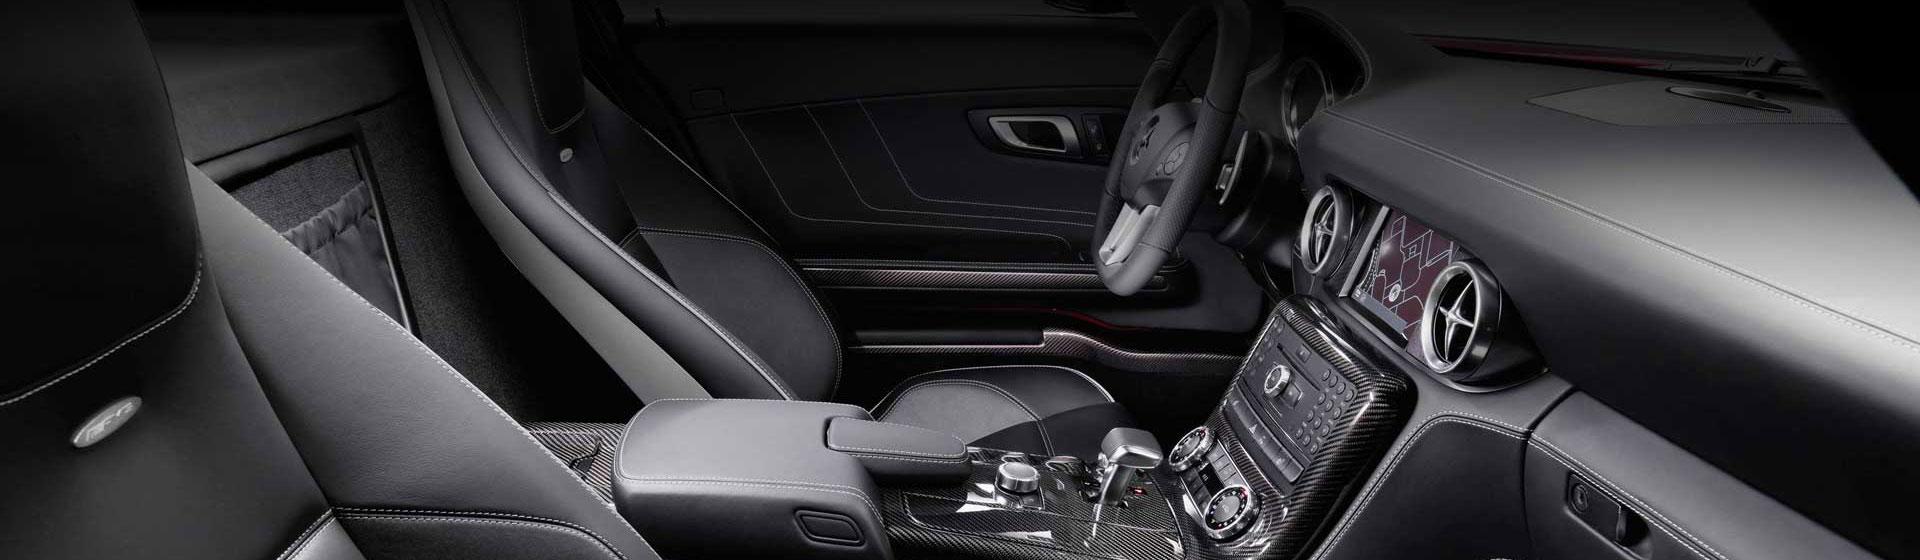 touch sri detailing img exterior repairs lanka interior auto magic